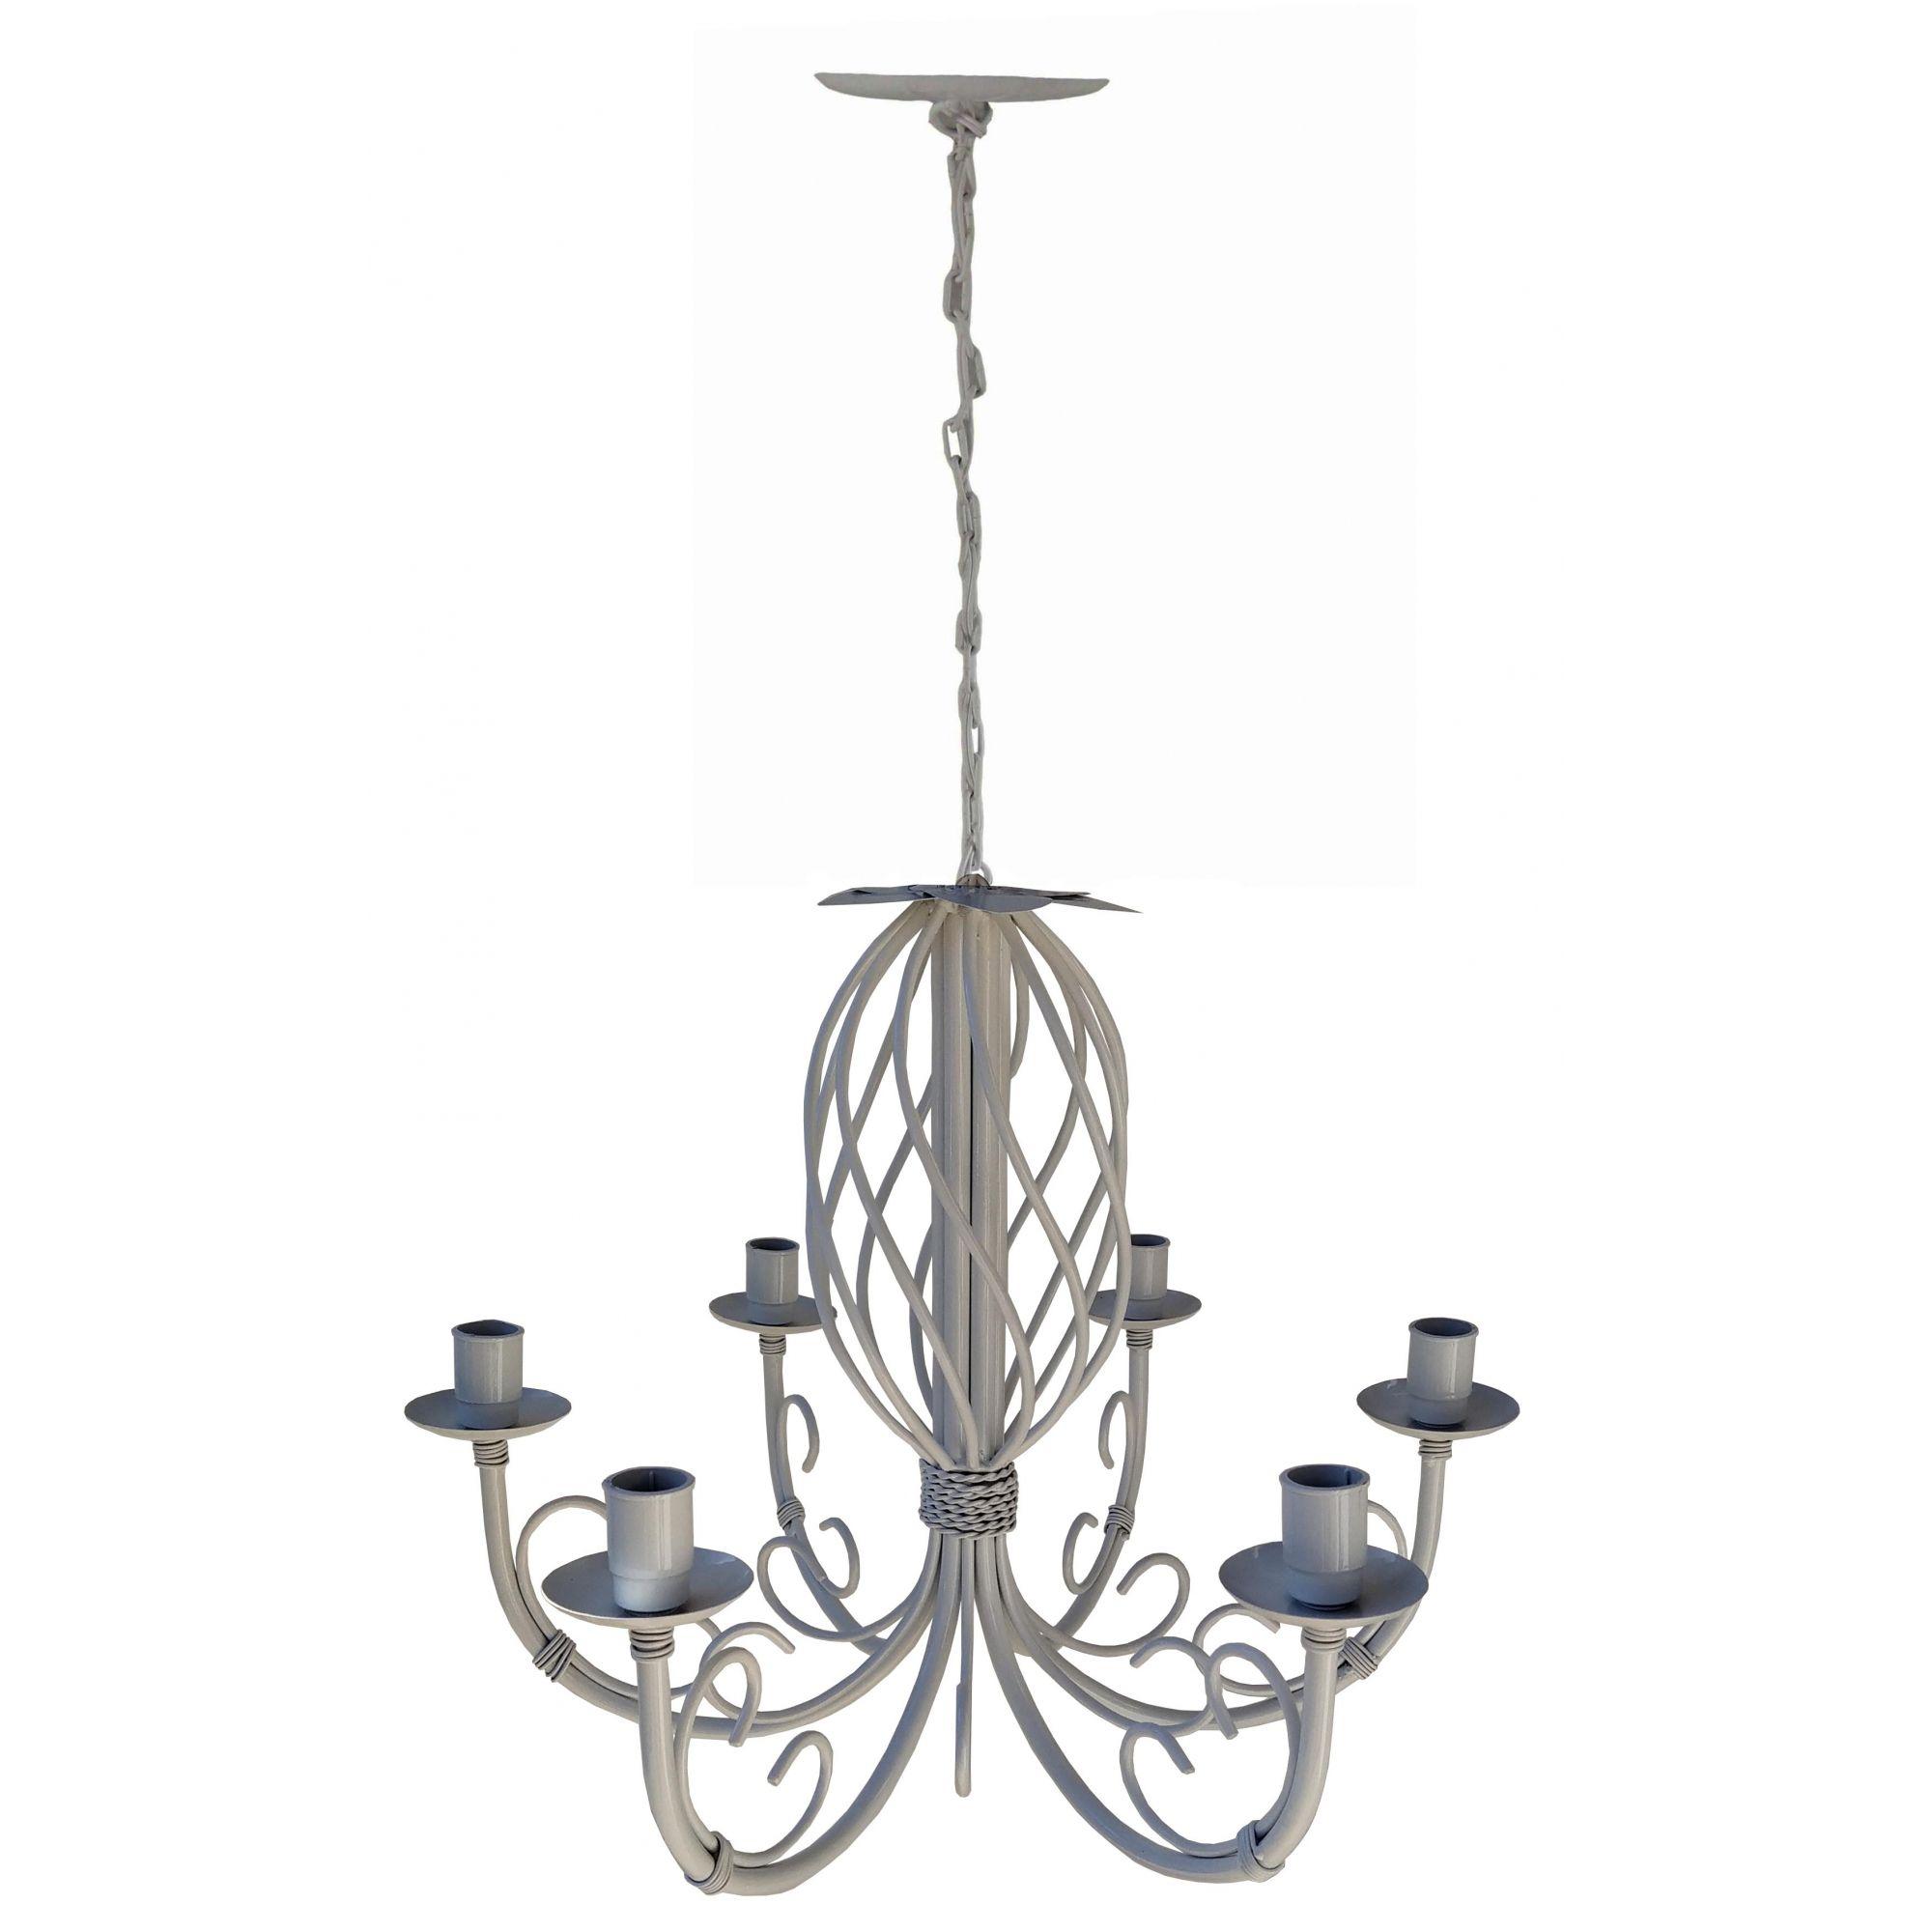 Lustre Provençal Artesanal Decorativo para Iluminação de Ambiente Interno e Externo